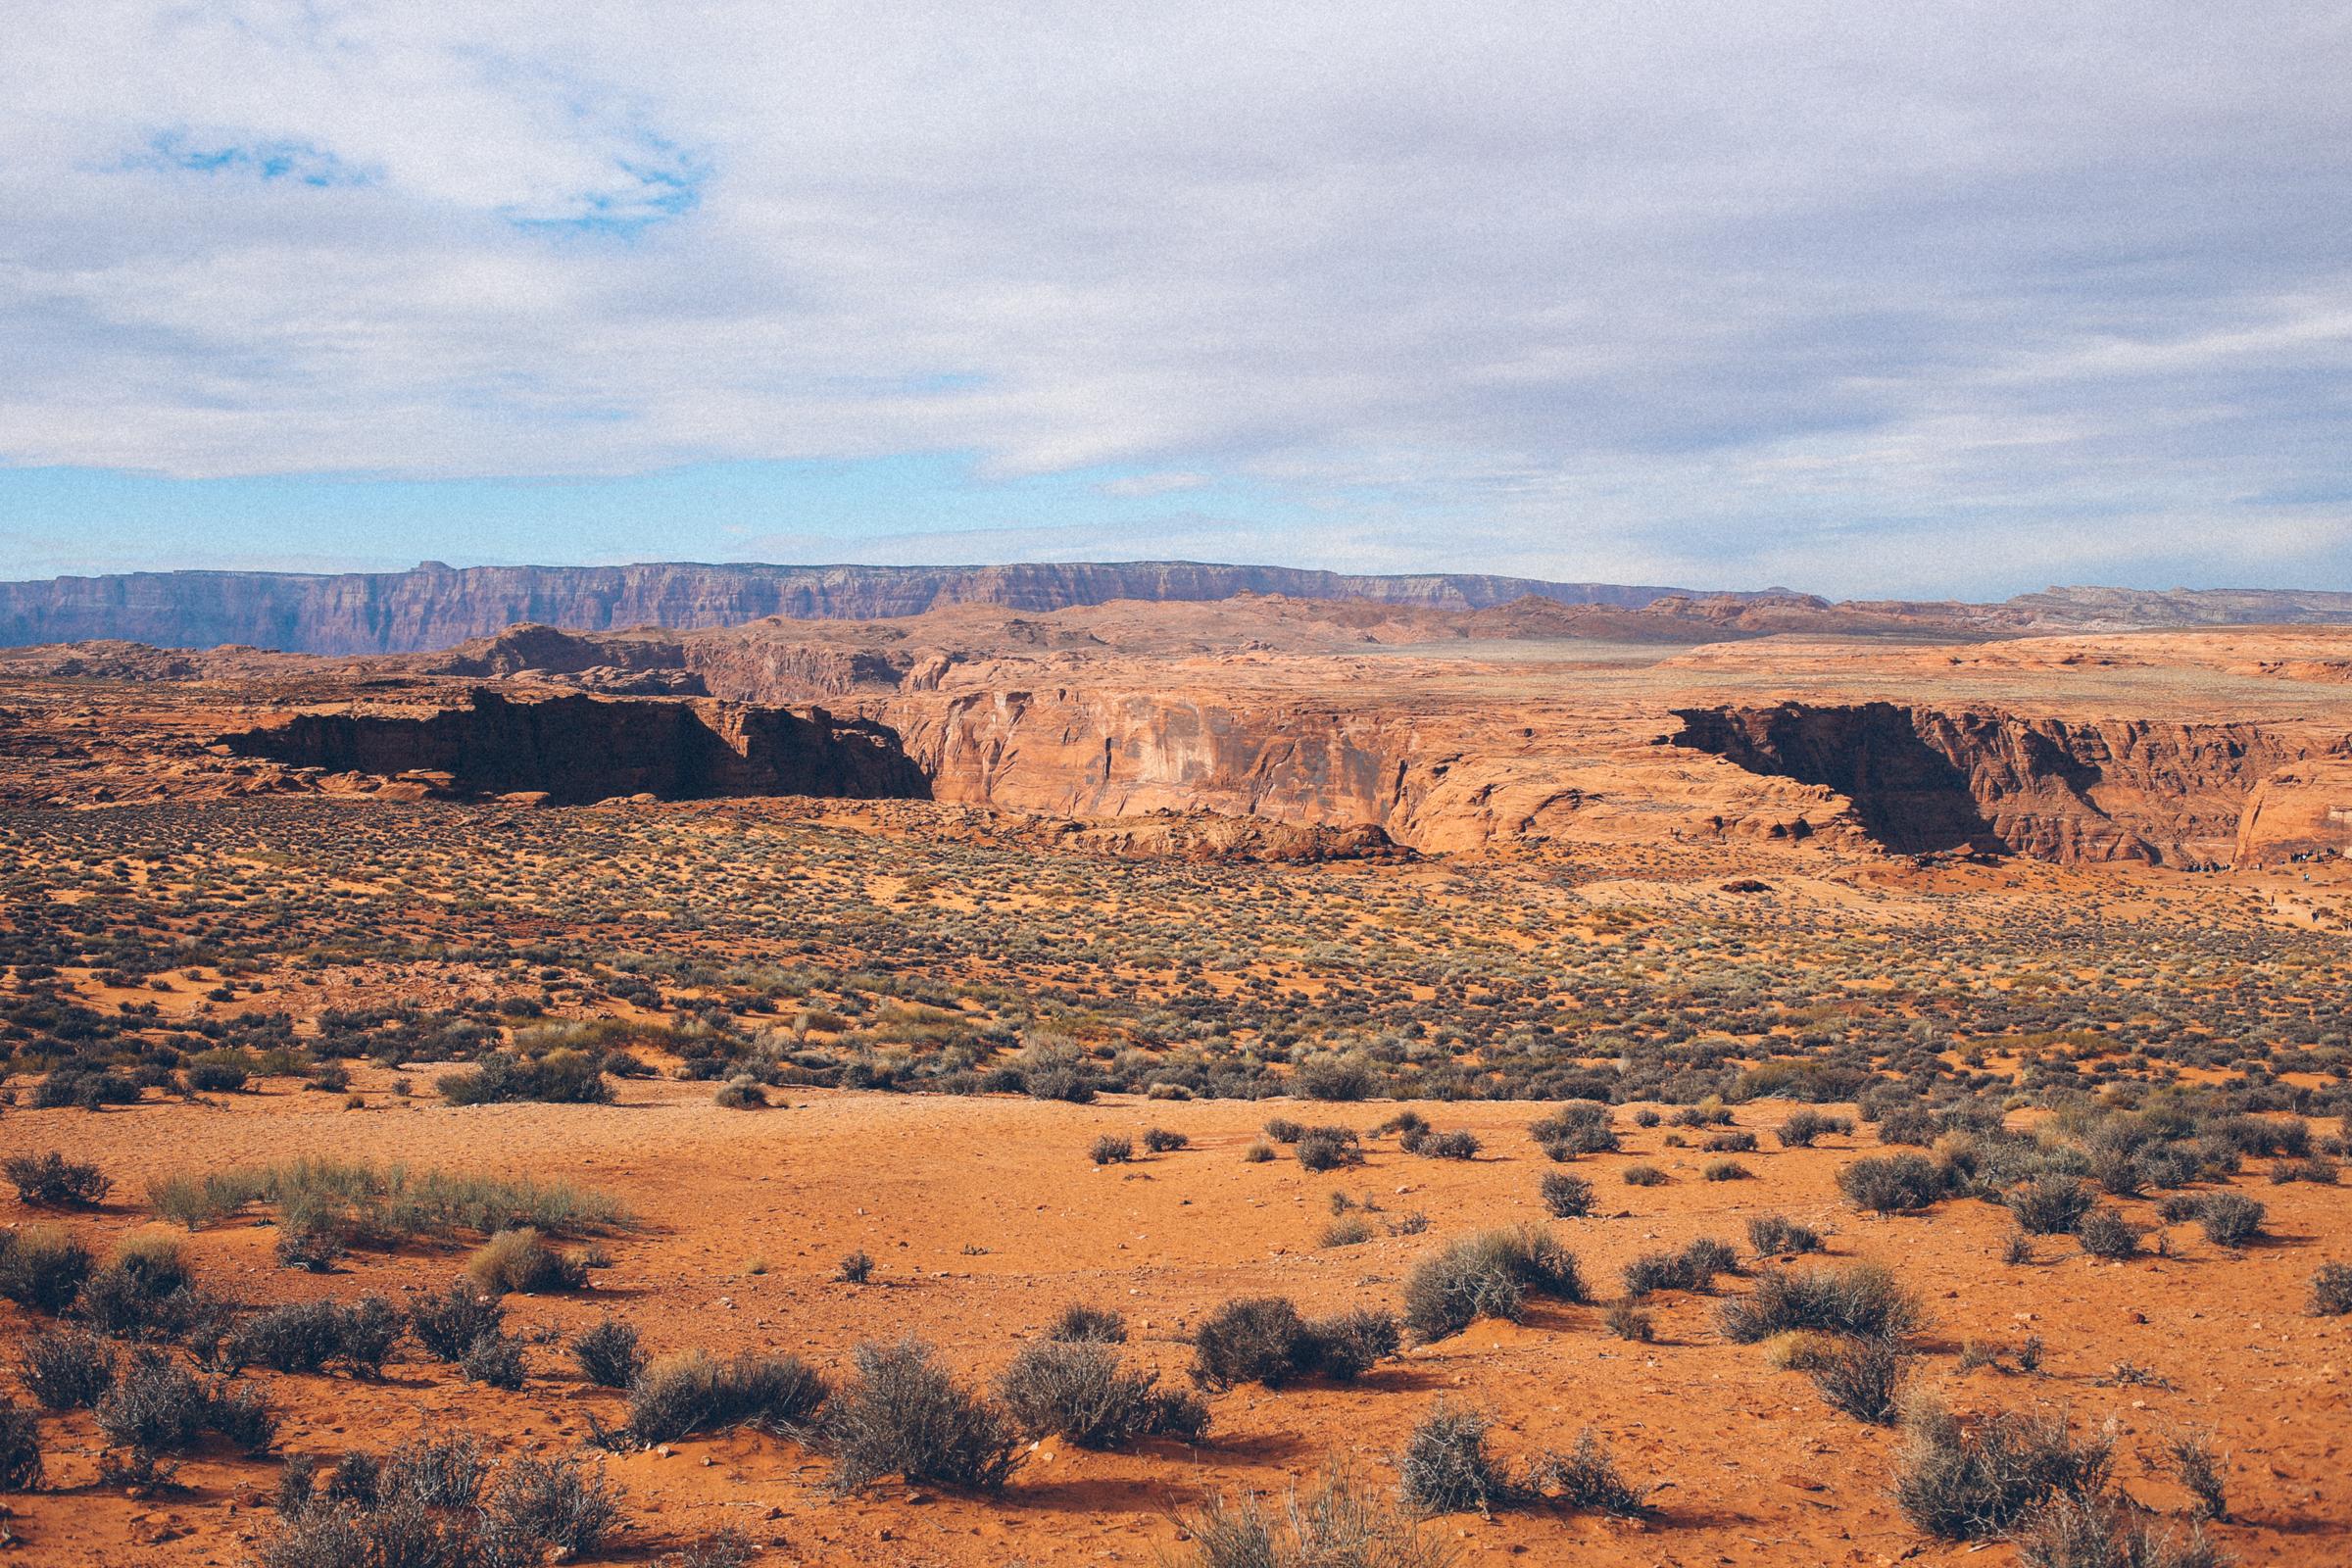 Keeewii_Travel_Arizona-4.jpg